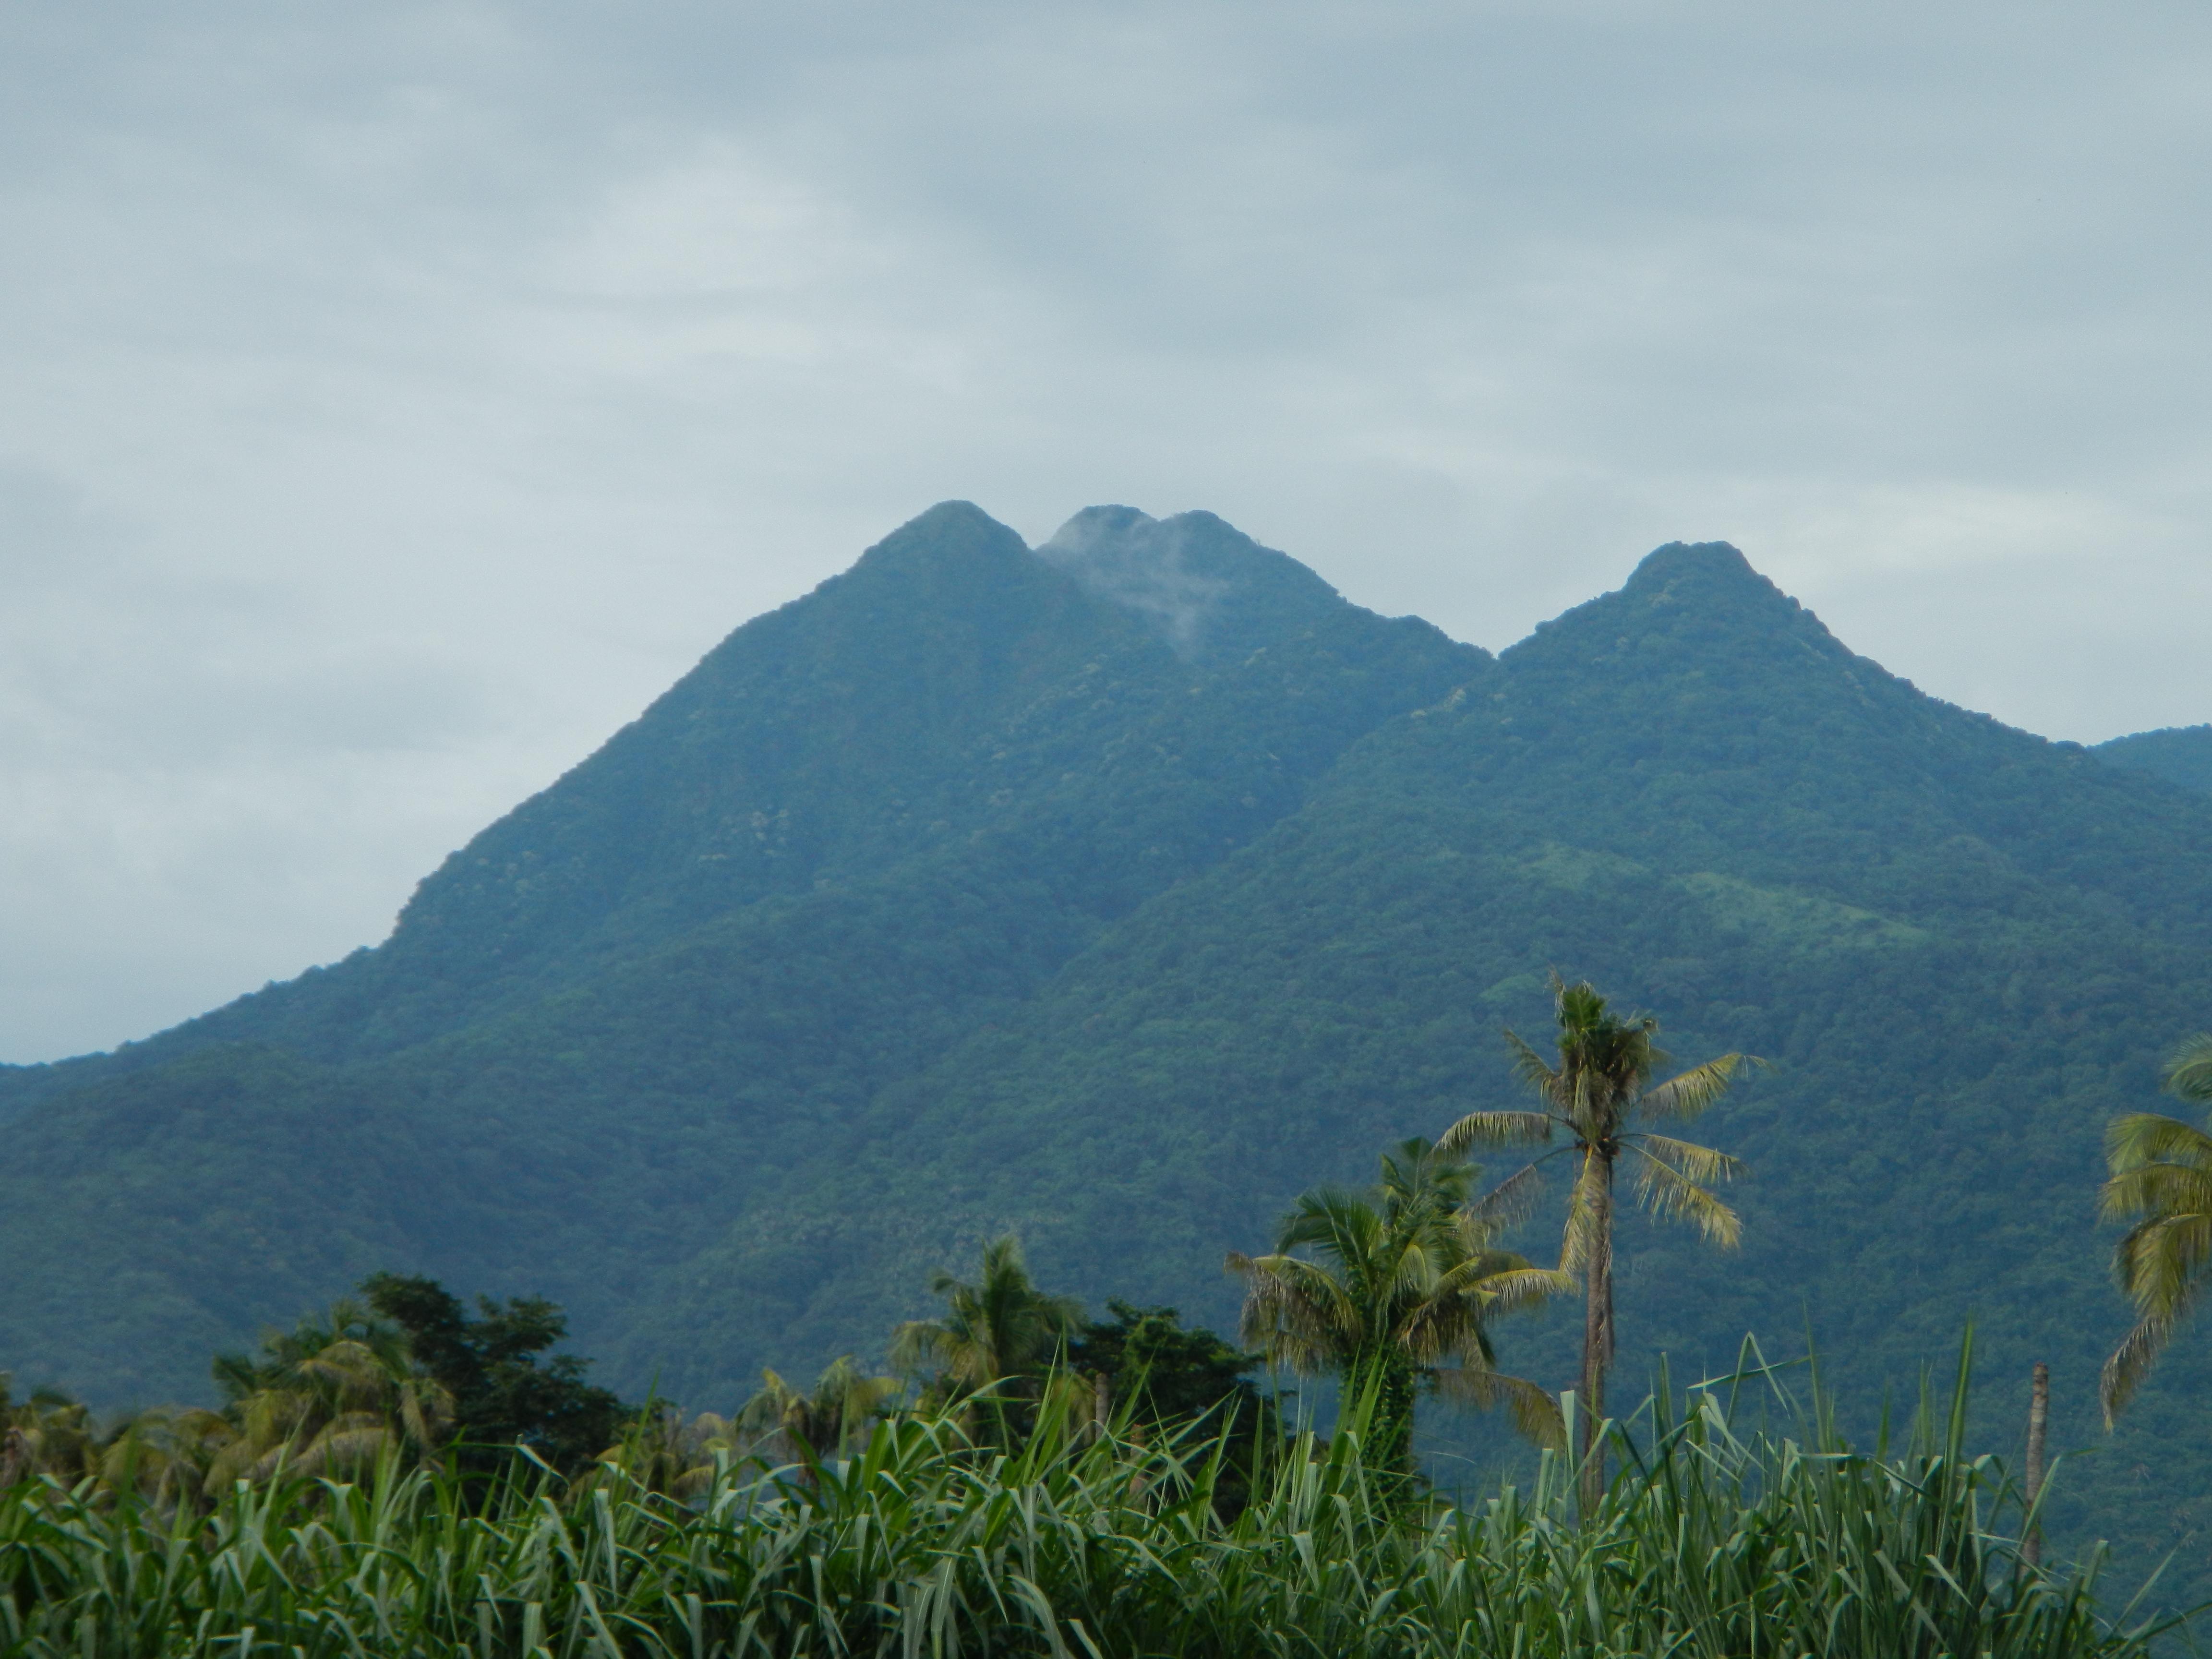 Mount Makiling - Wikipedia